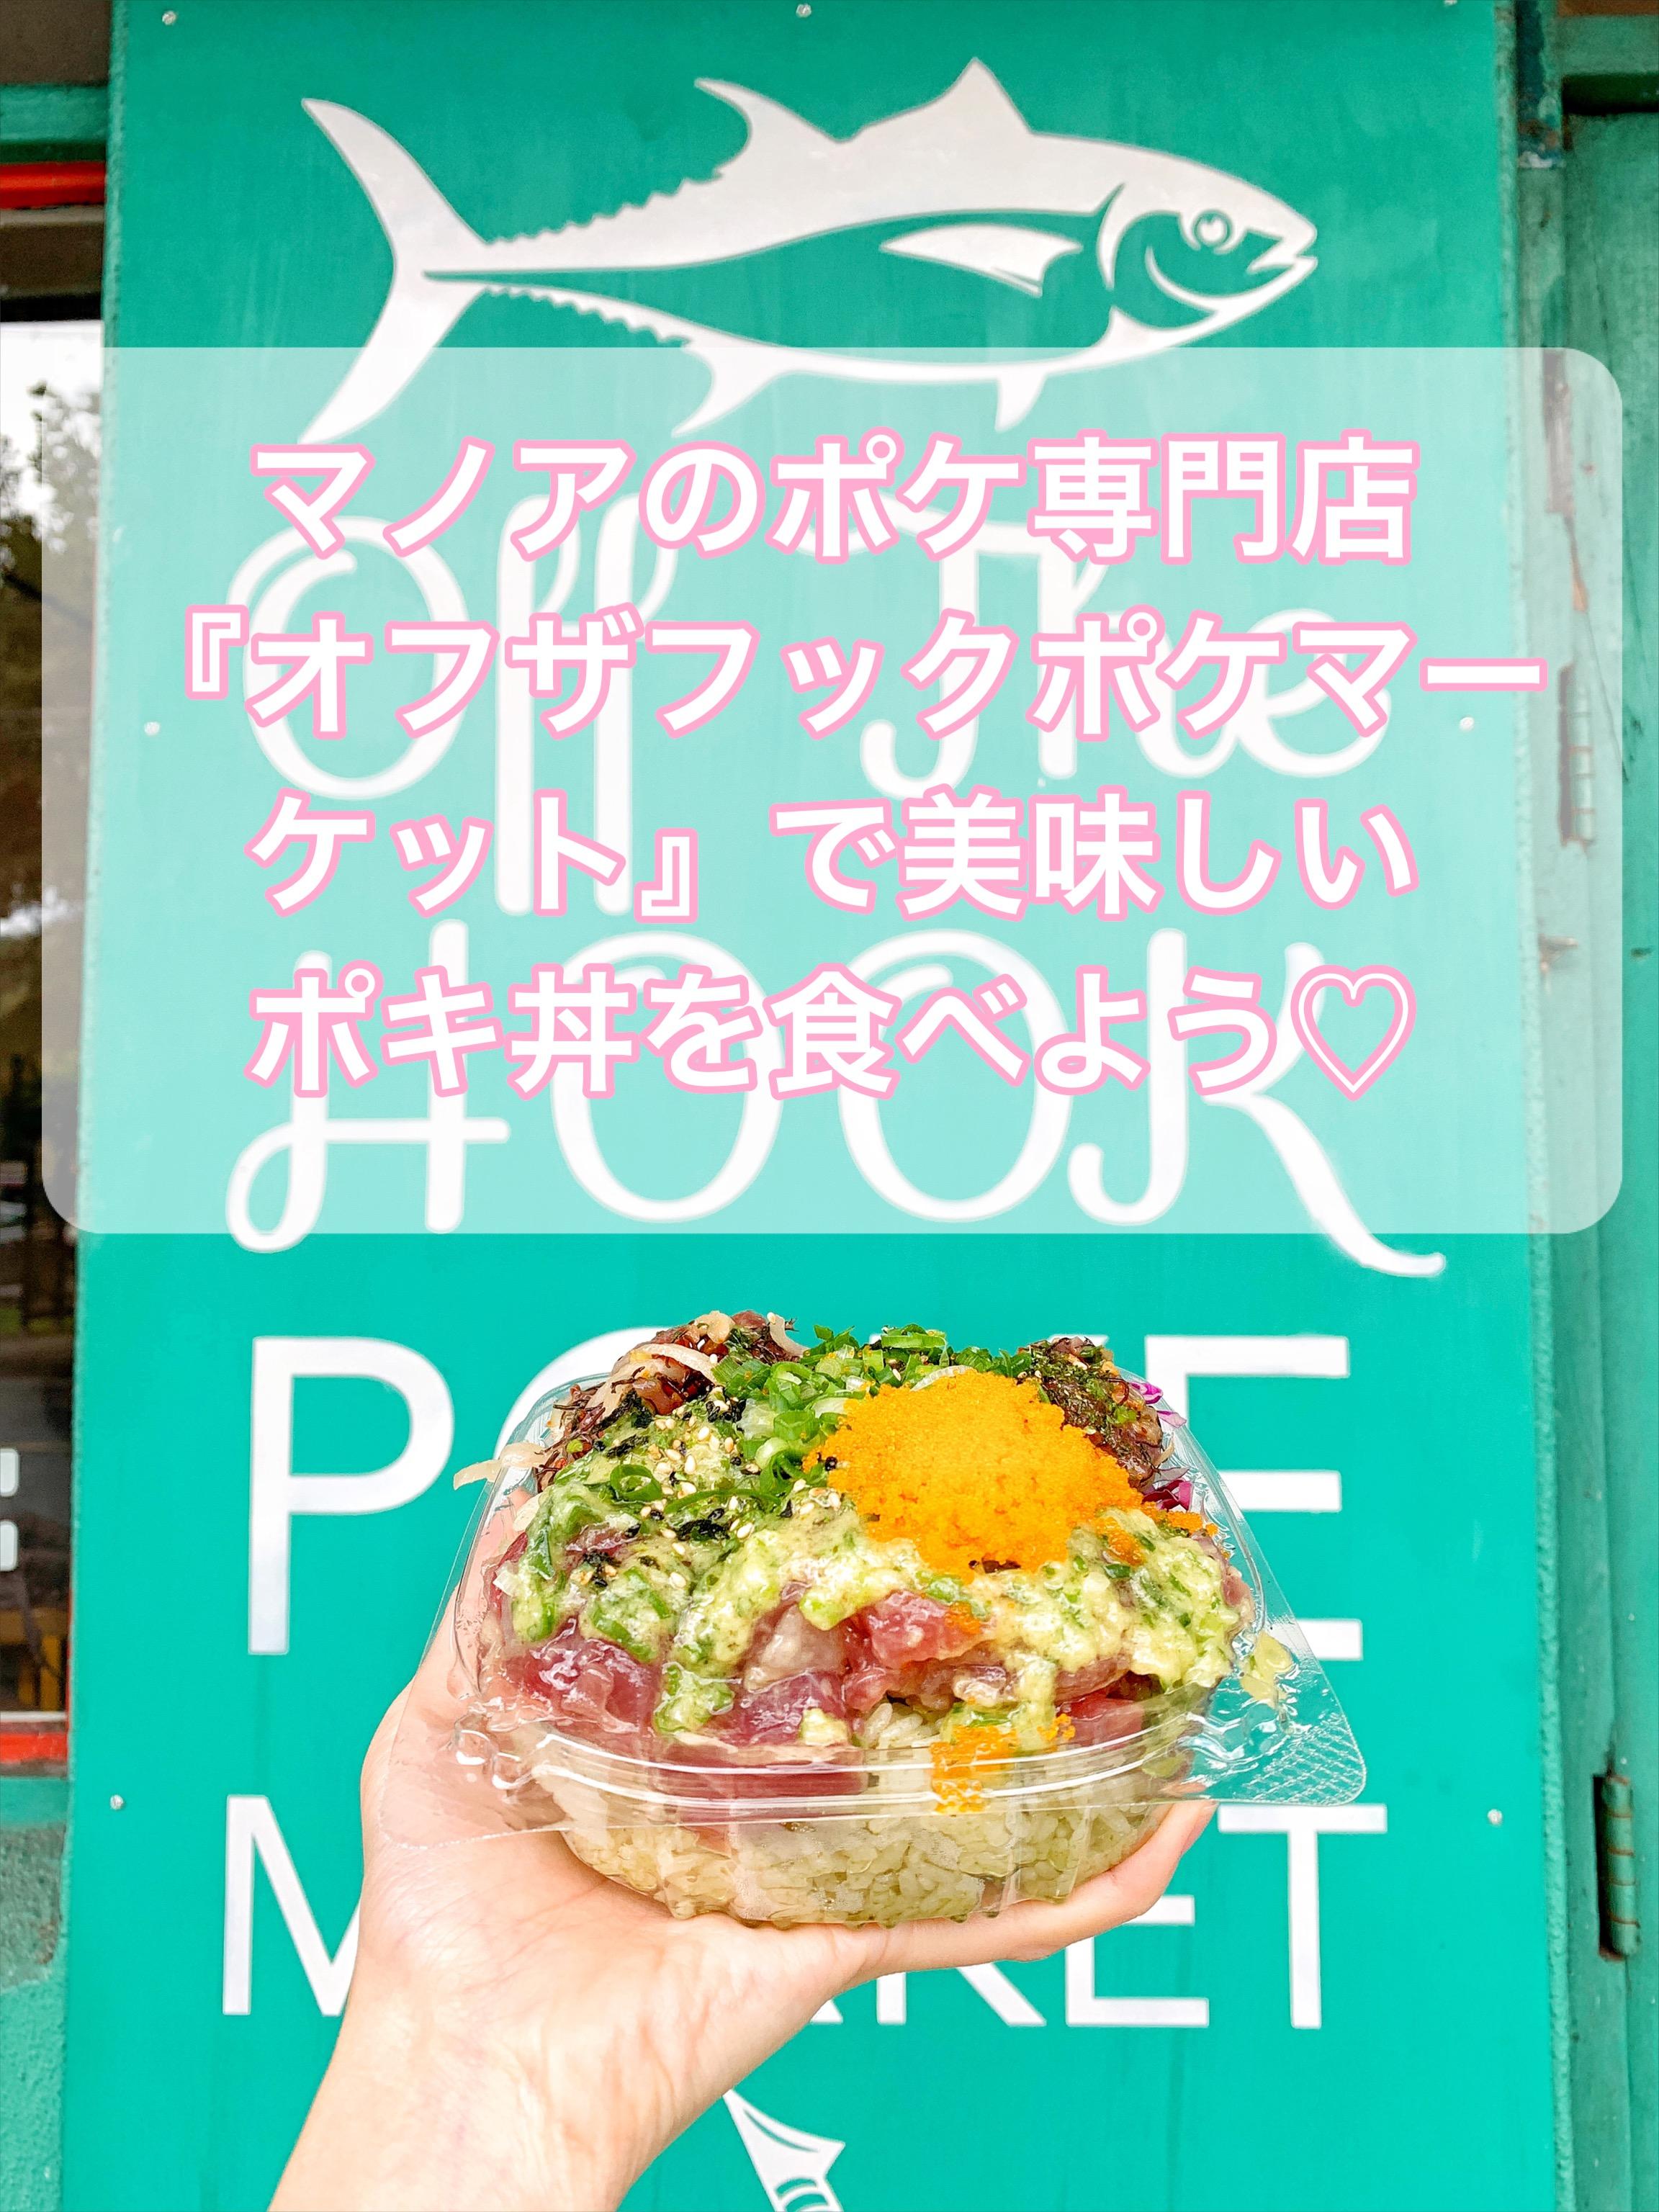 【ハワイグルメ】マノアの人気ポキ丼「オフ・ザ・フック・ポケ・マーケット」【注文方法】